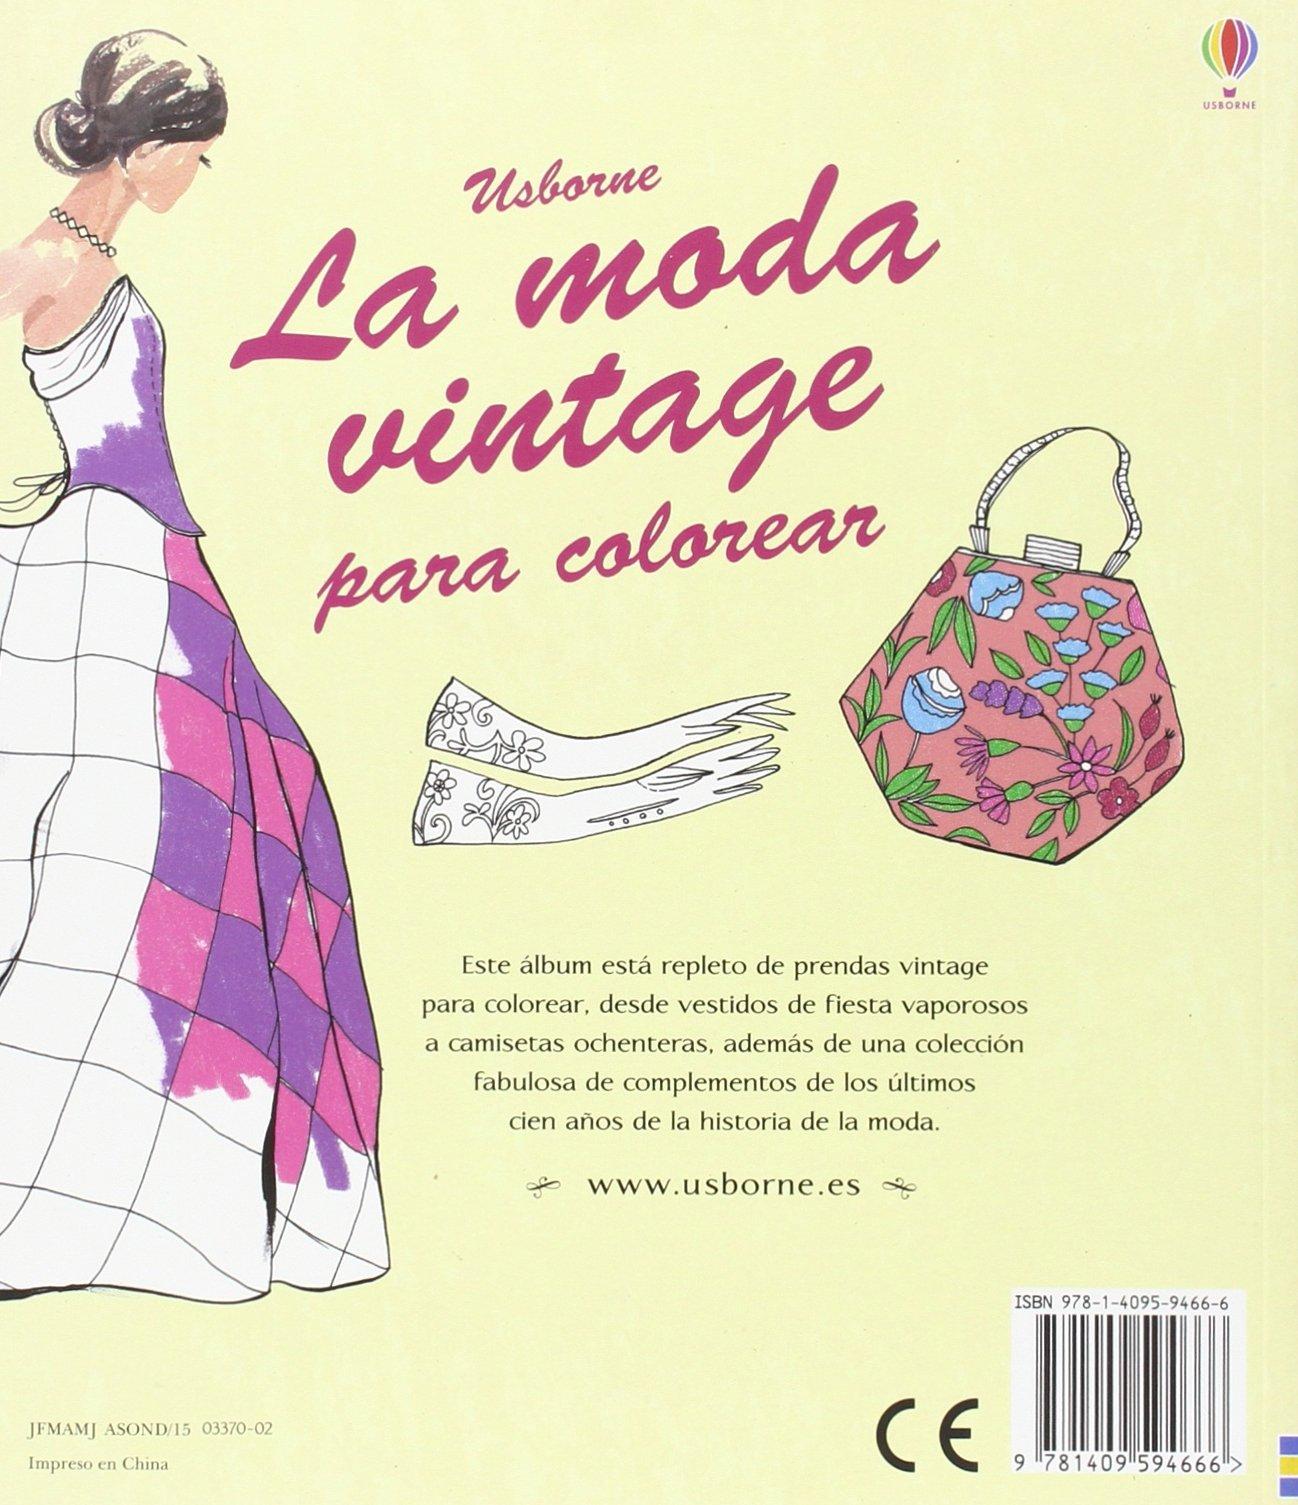 La moda vintage para colorear: Amazon.es: Ruth Brocklehurst: Libros